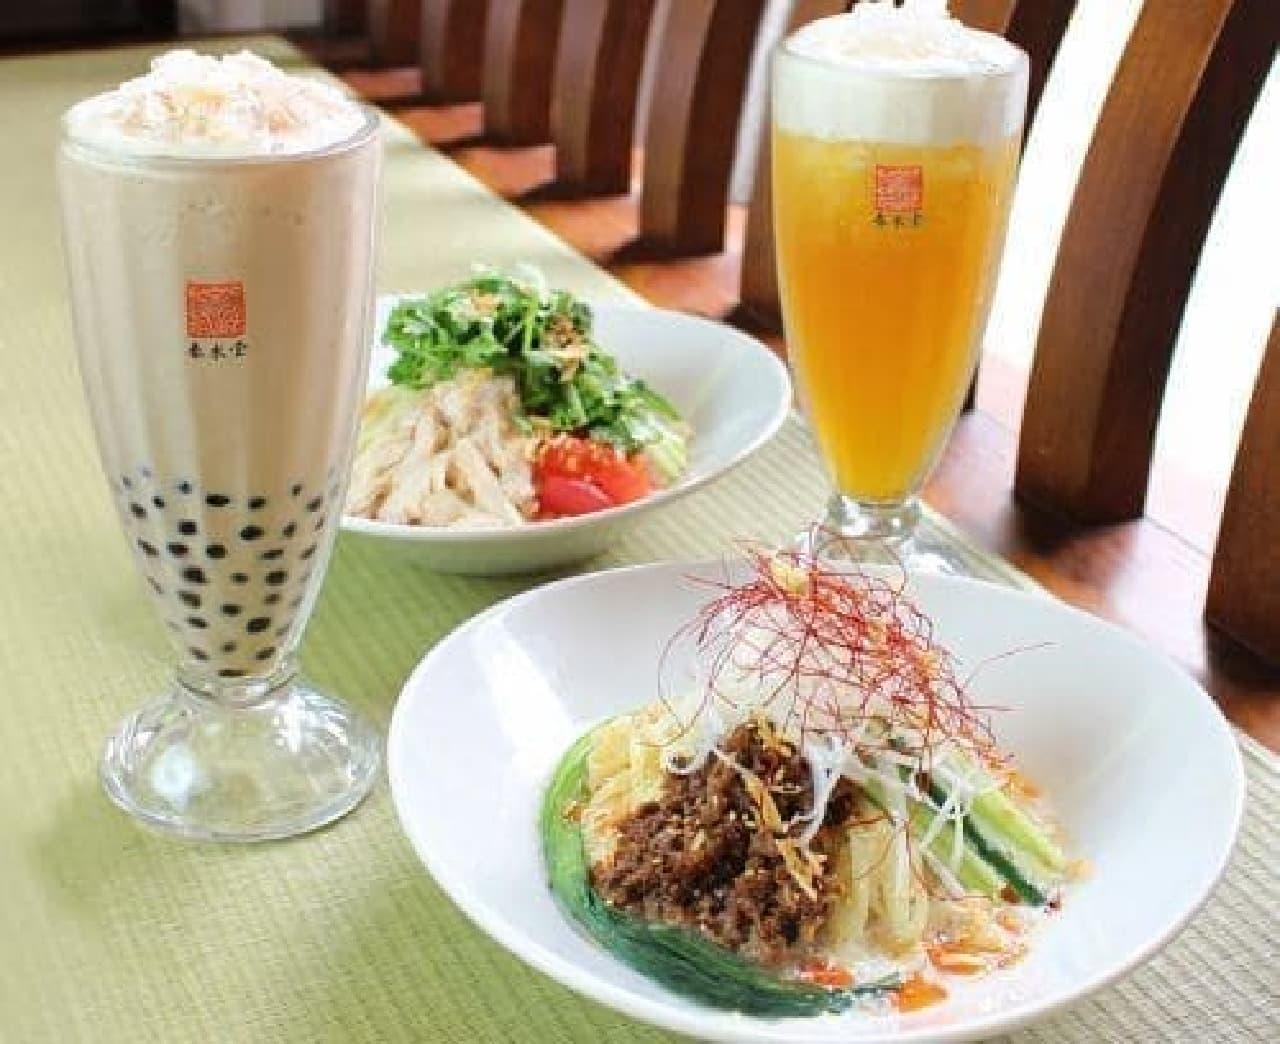 春水堂の麻辣豆乳涼麺と塩鶏香菜涼麺とドリンク